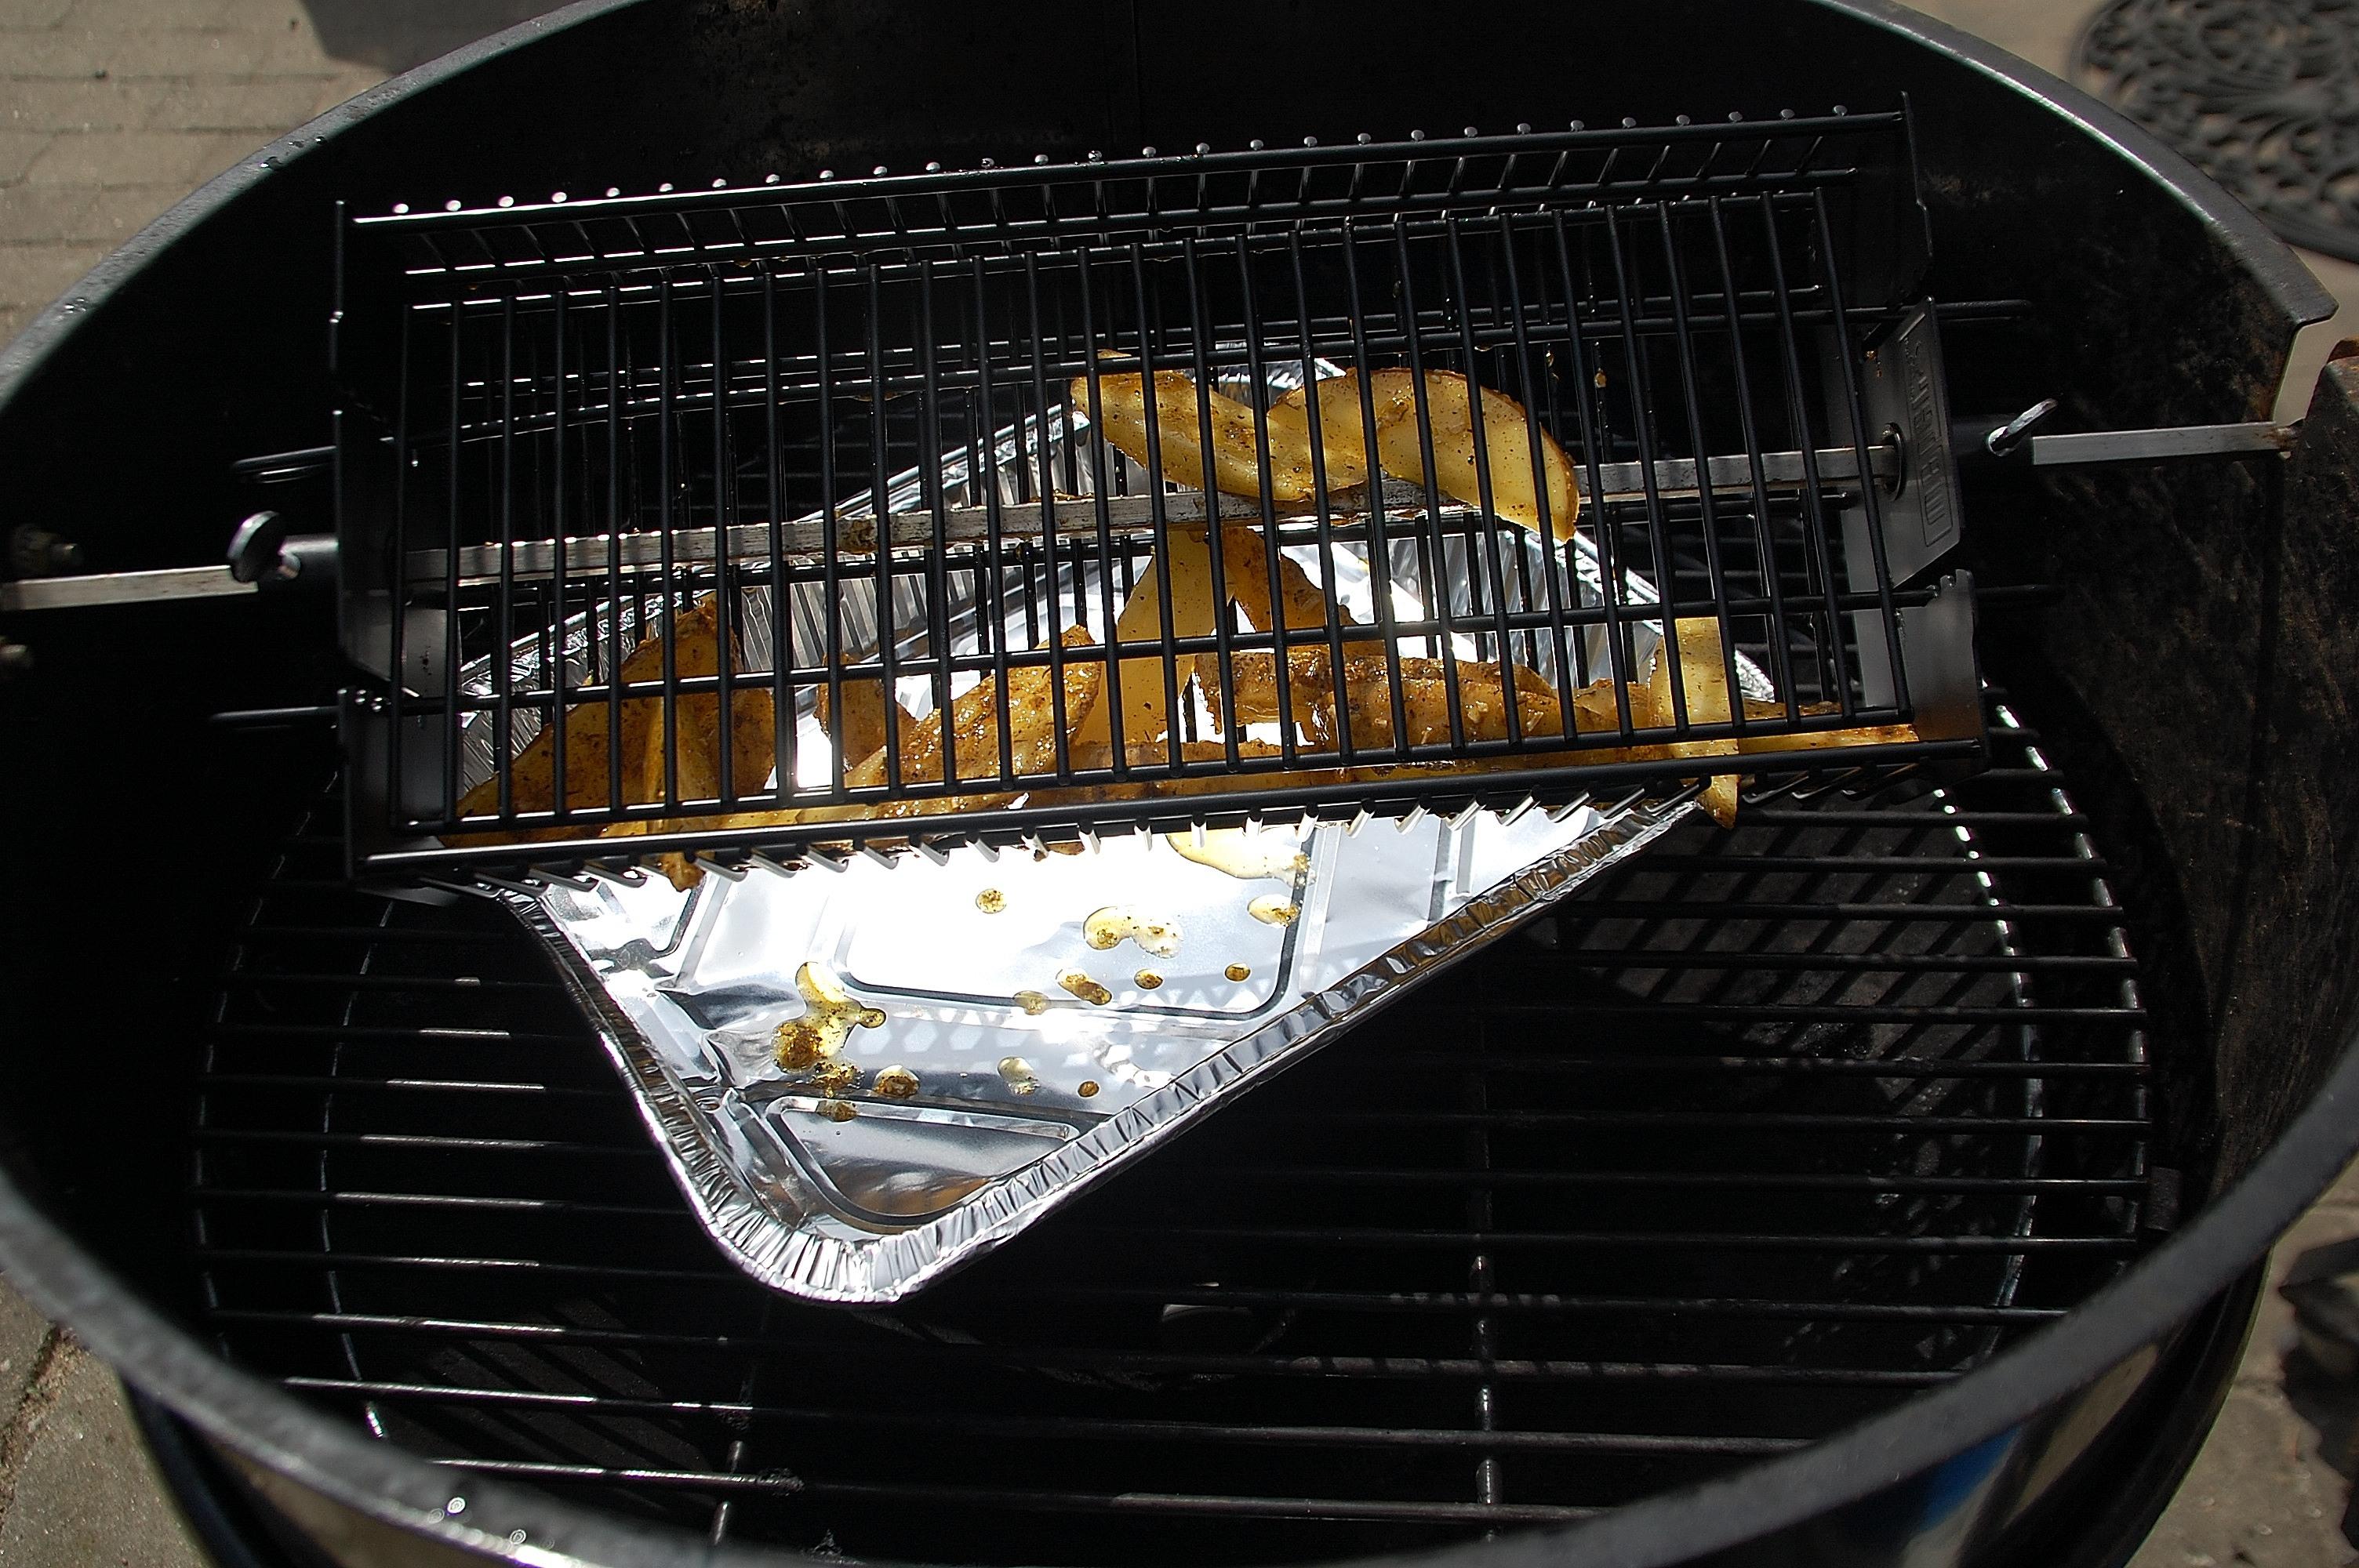 kylling på rotisseri